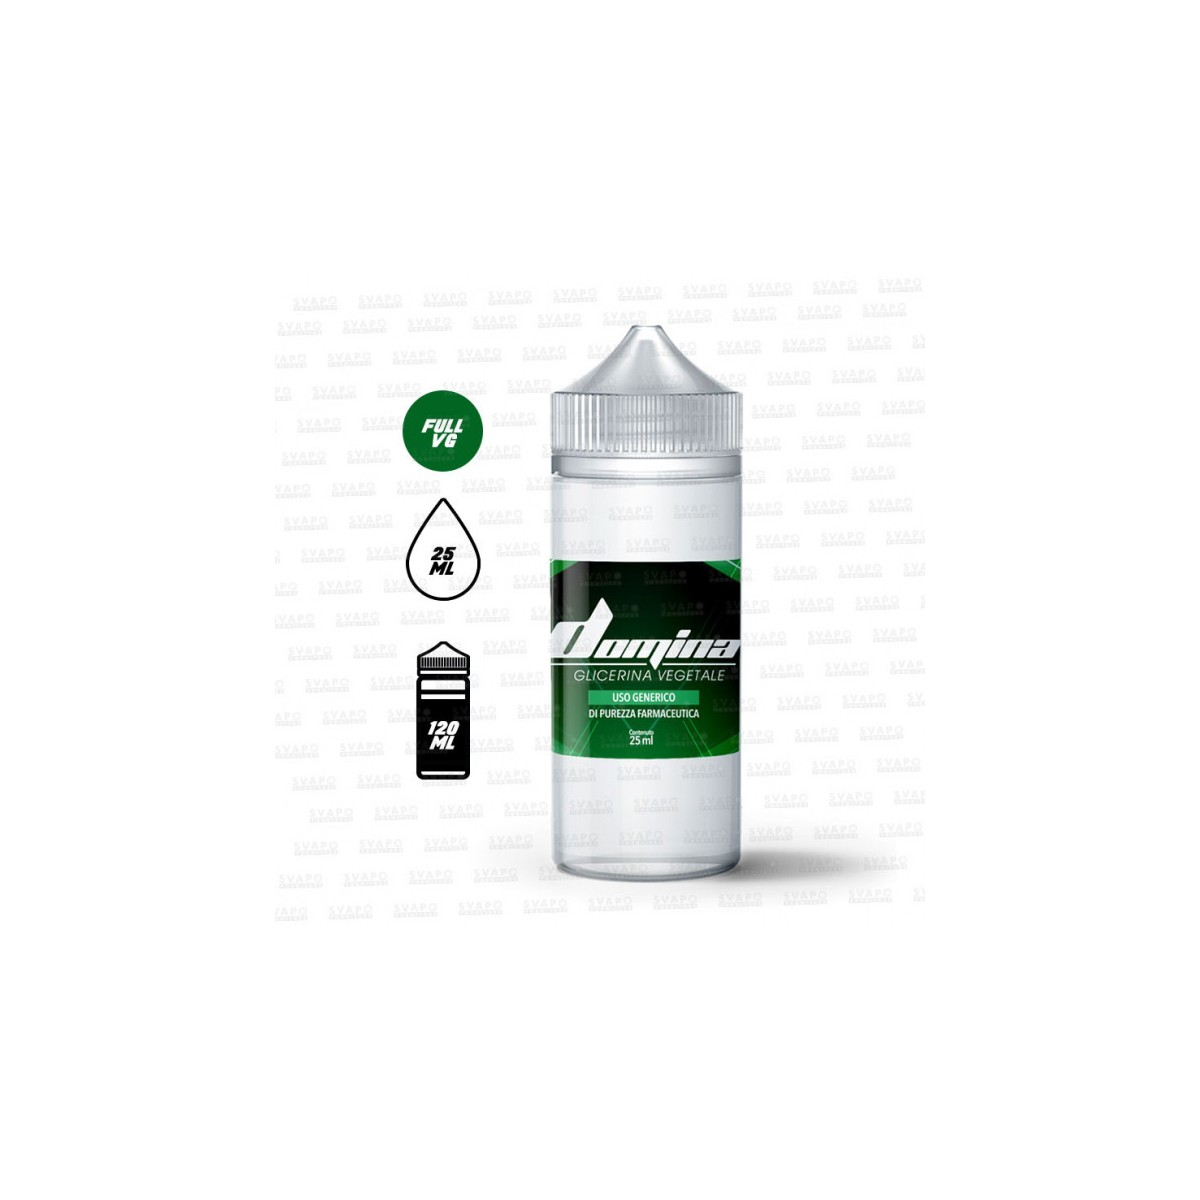 DOMINA glicerina 25ml contenuto in flacone da 120ml